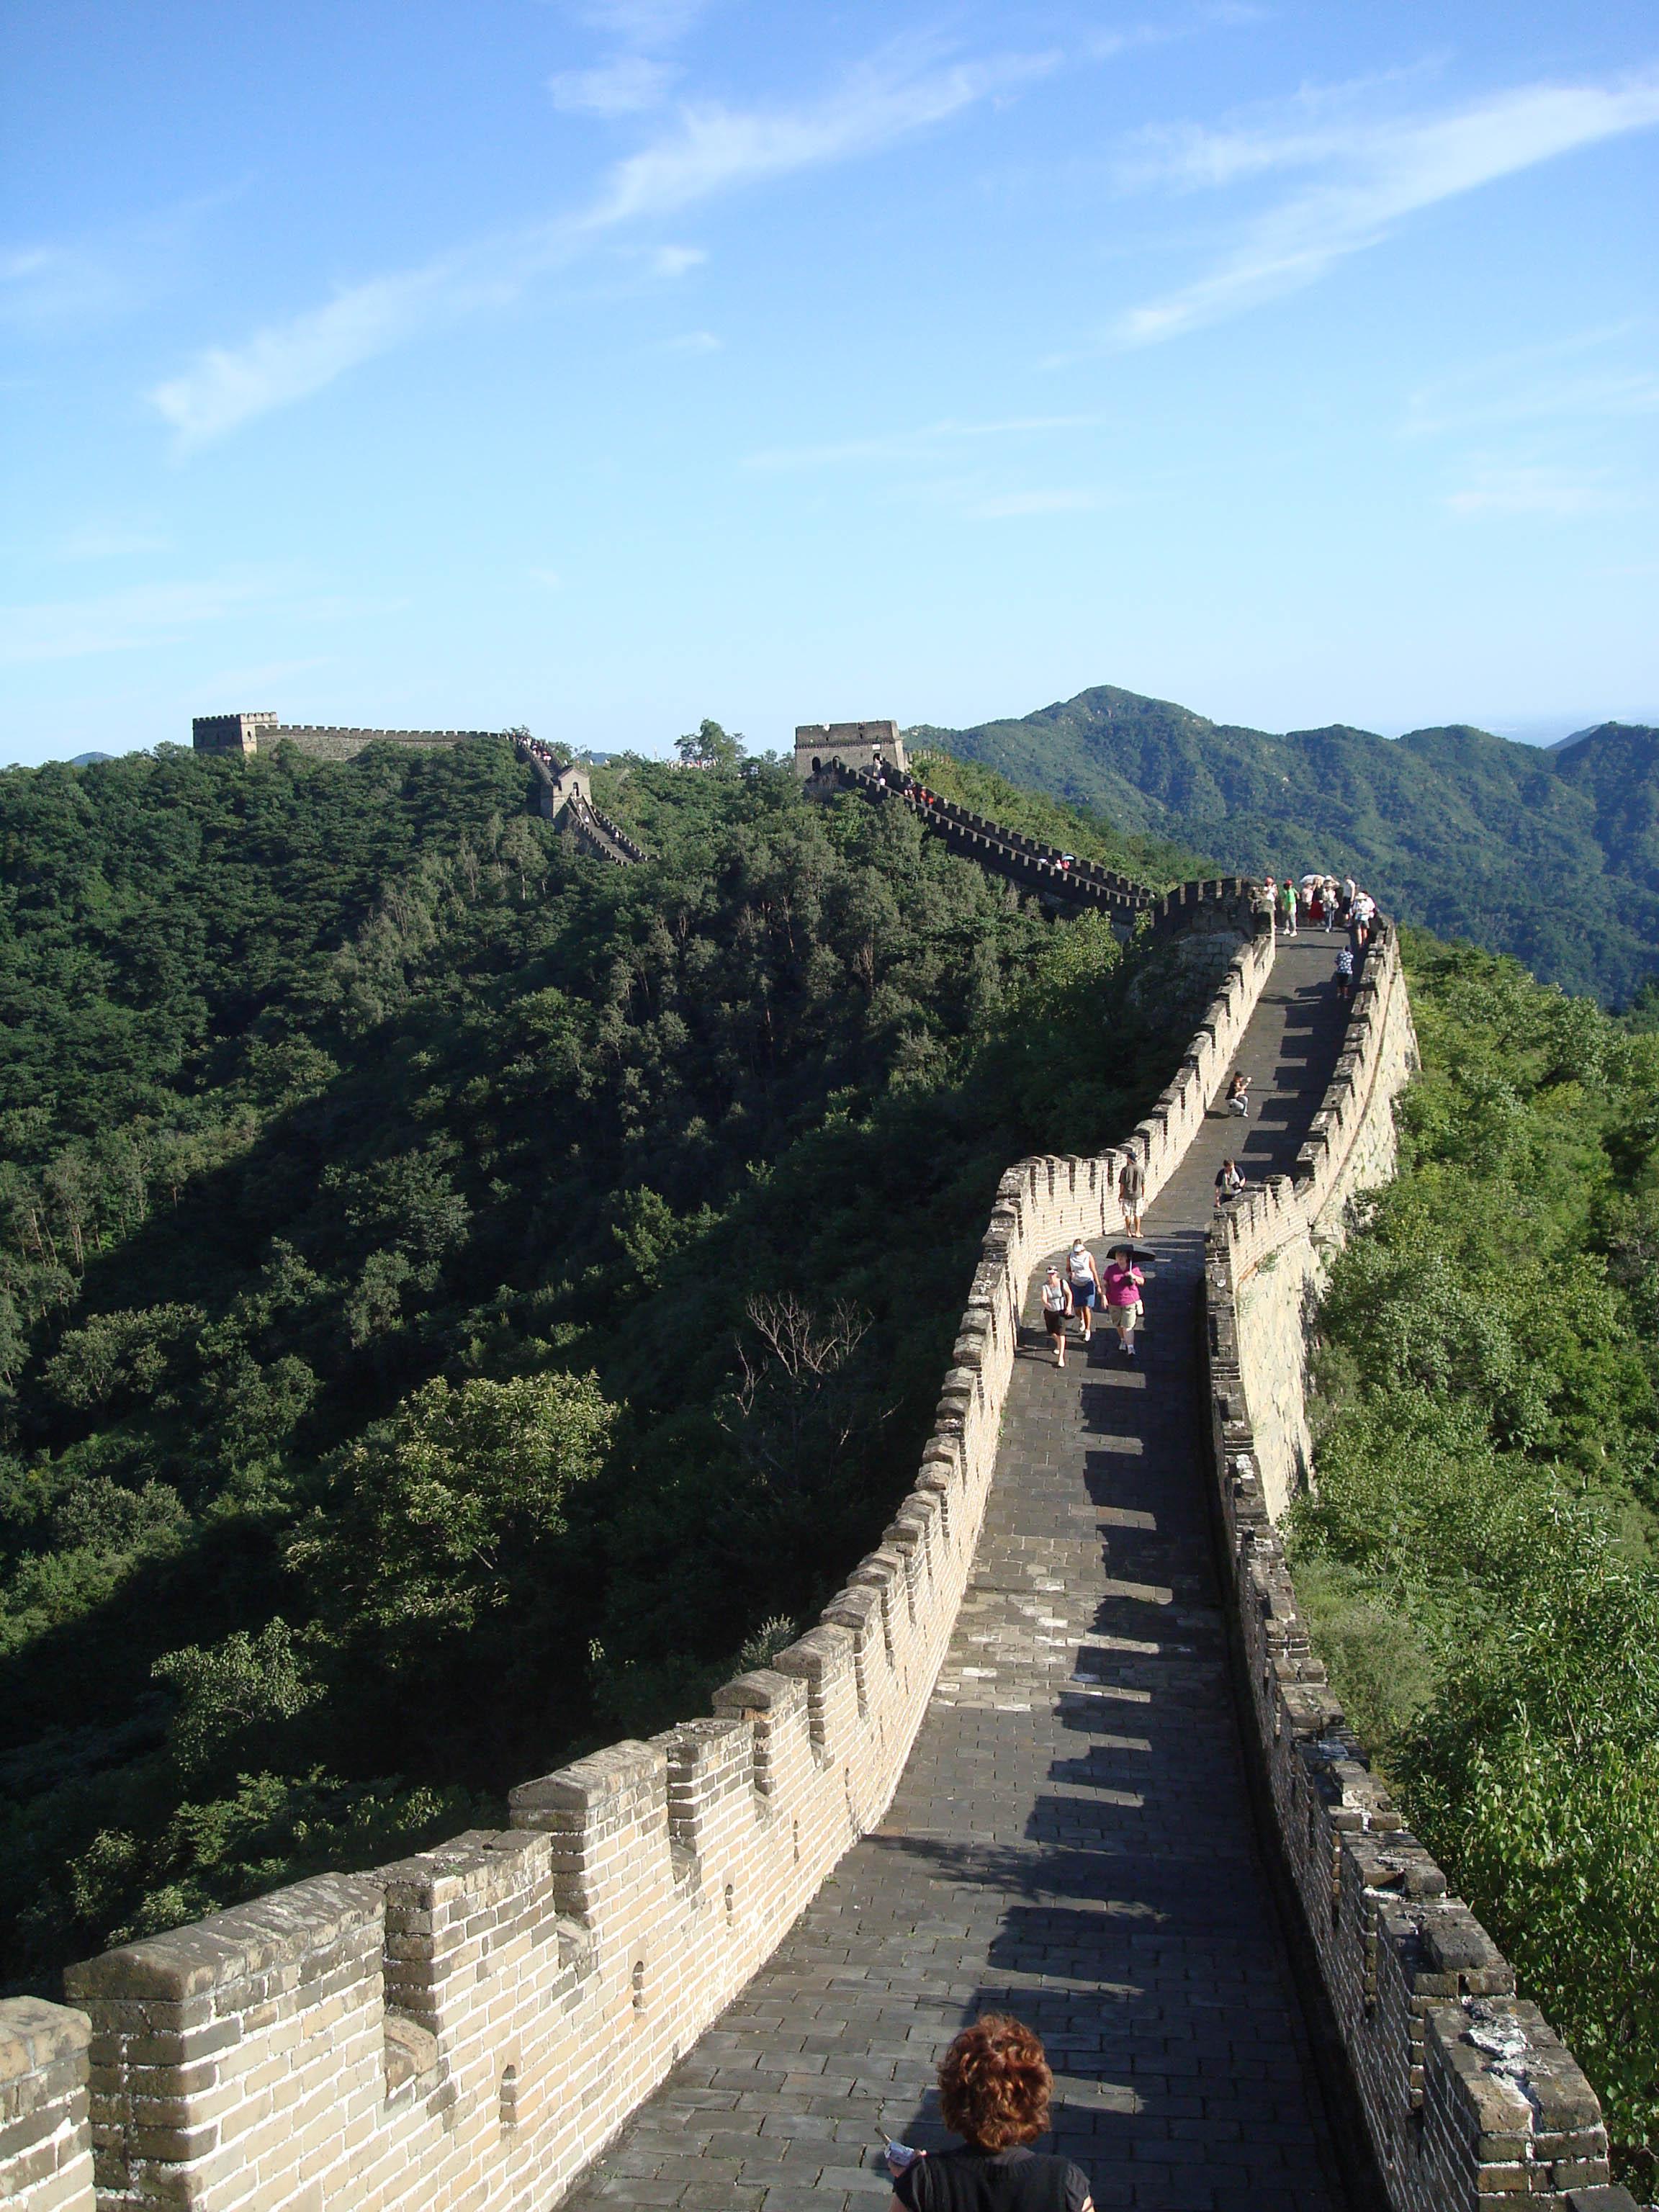 The great wall of China, China 2008